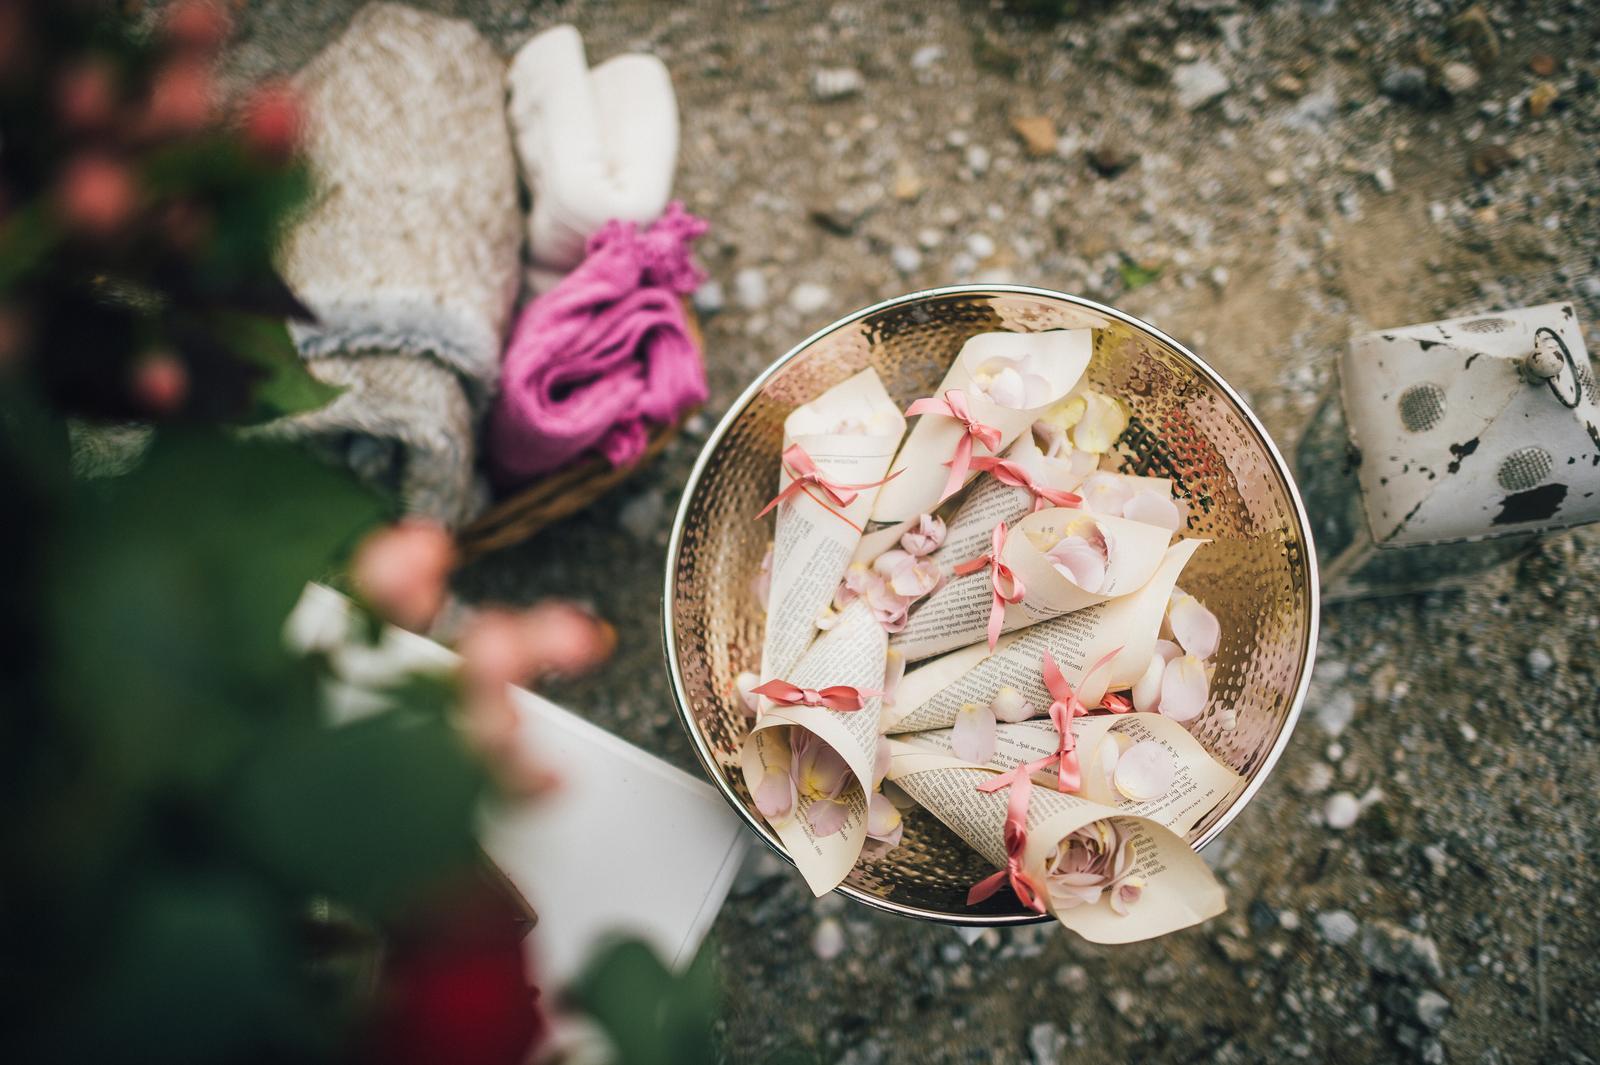 Ivona{{_AND_}}Pavel - květiny, koš s dekami, pravé okvětní lístky, všude lucerničky se zapálenými svíčkami ... přesně tak jsem si to vysnila.